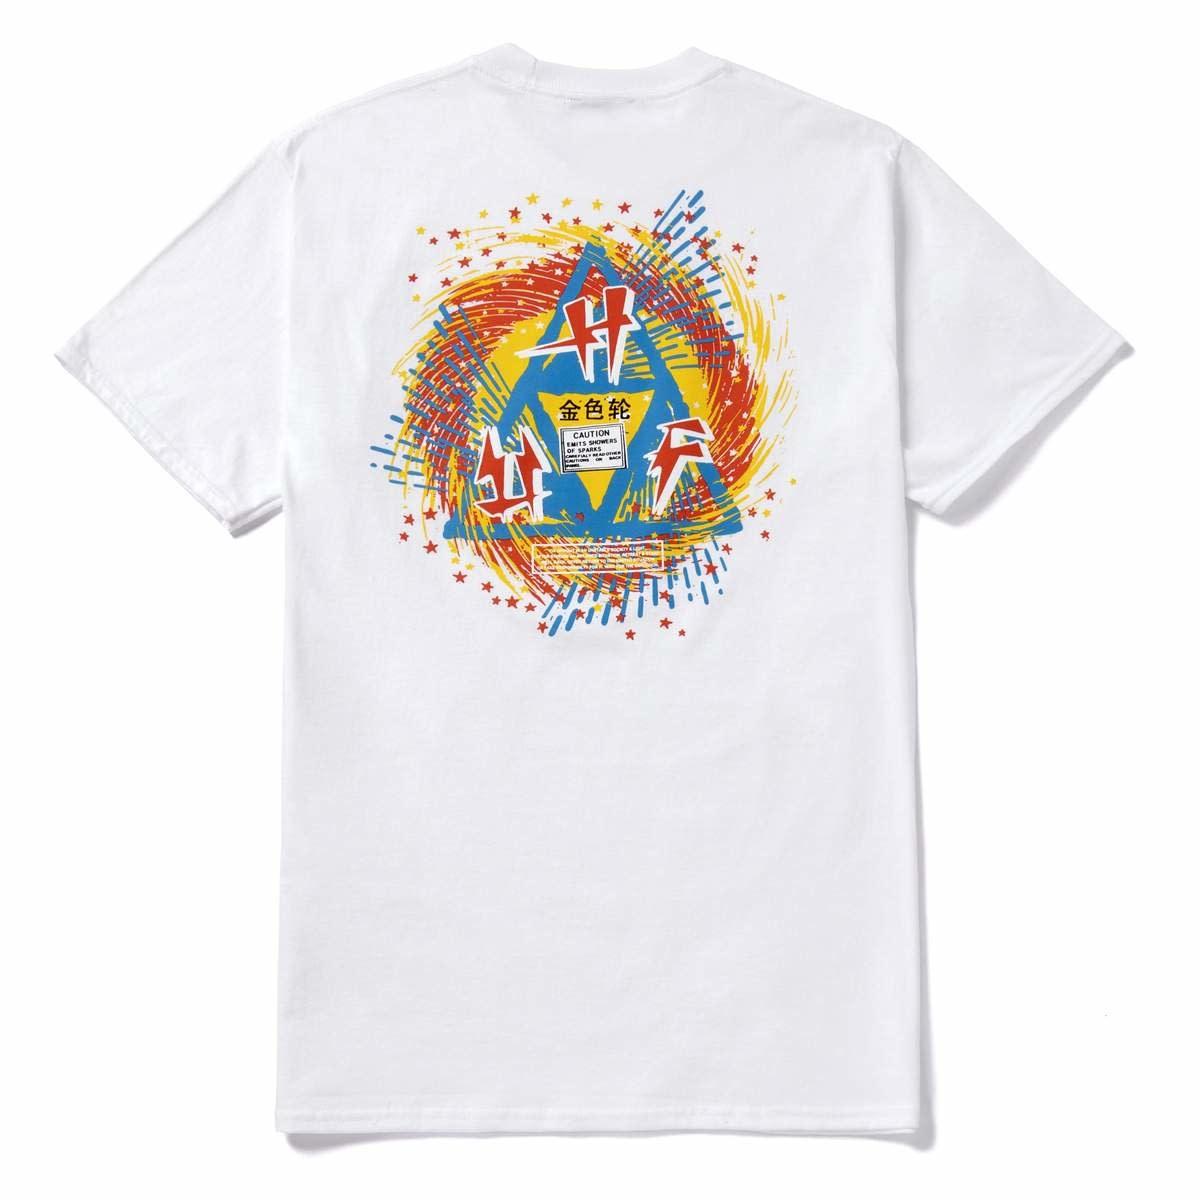 Huf Huf - Flashing Wheel White